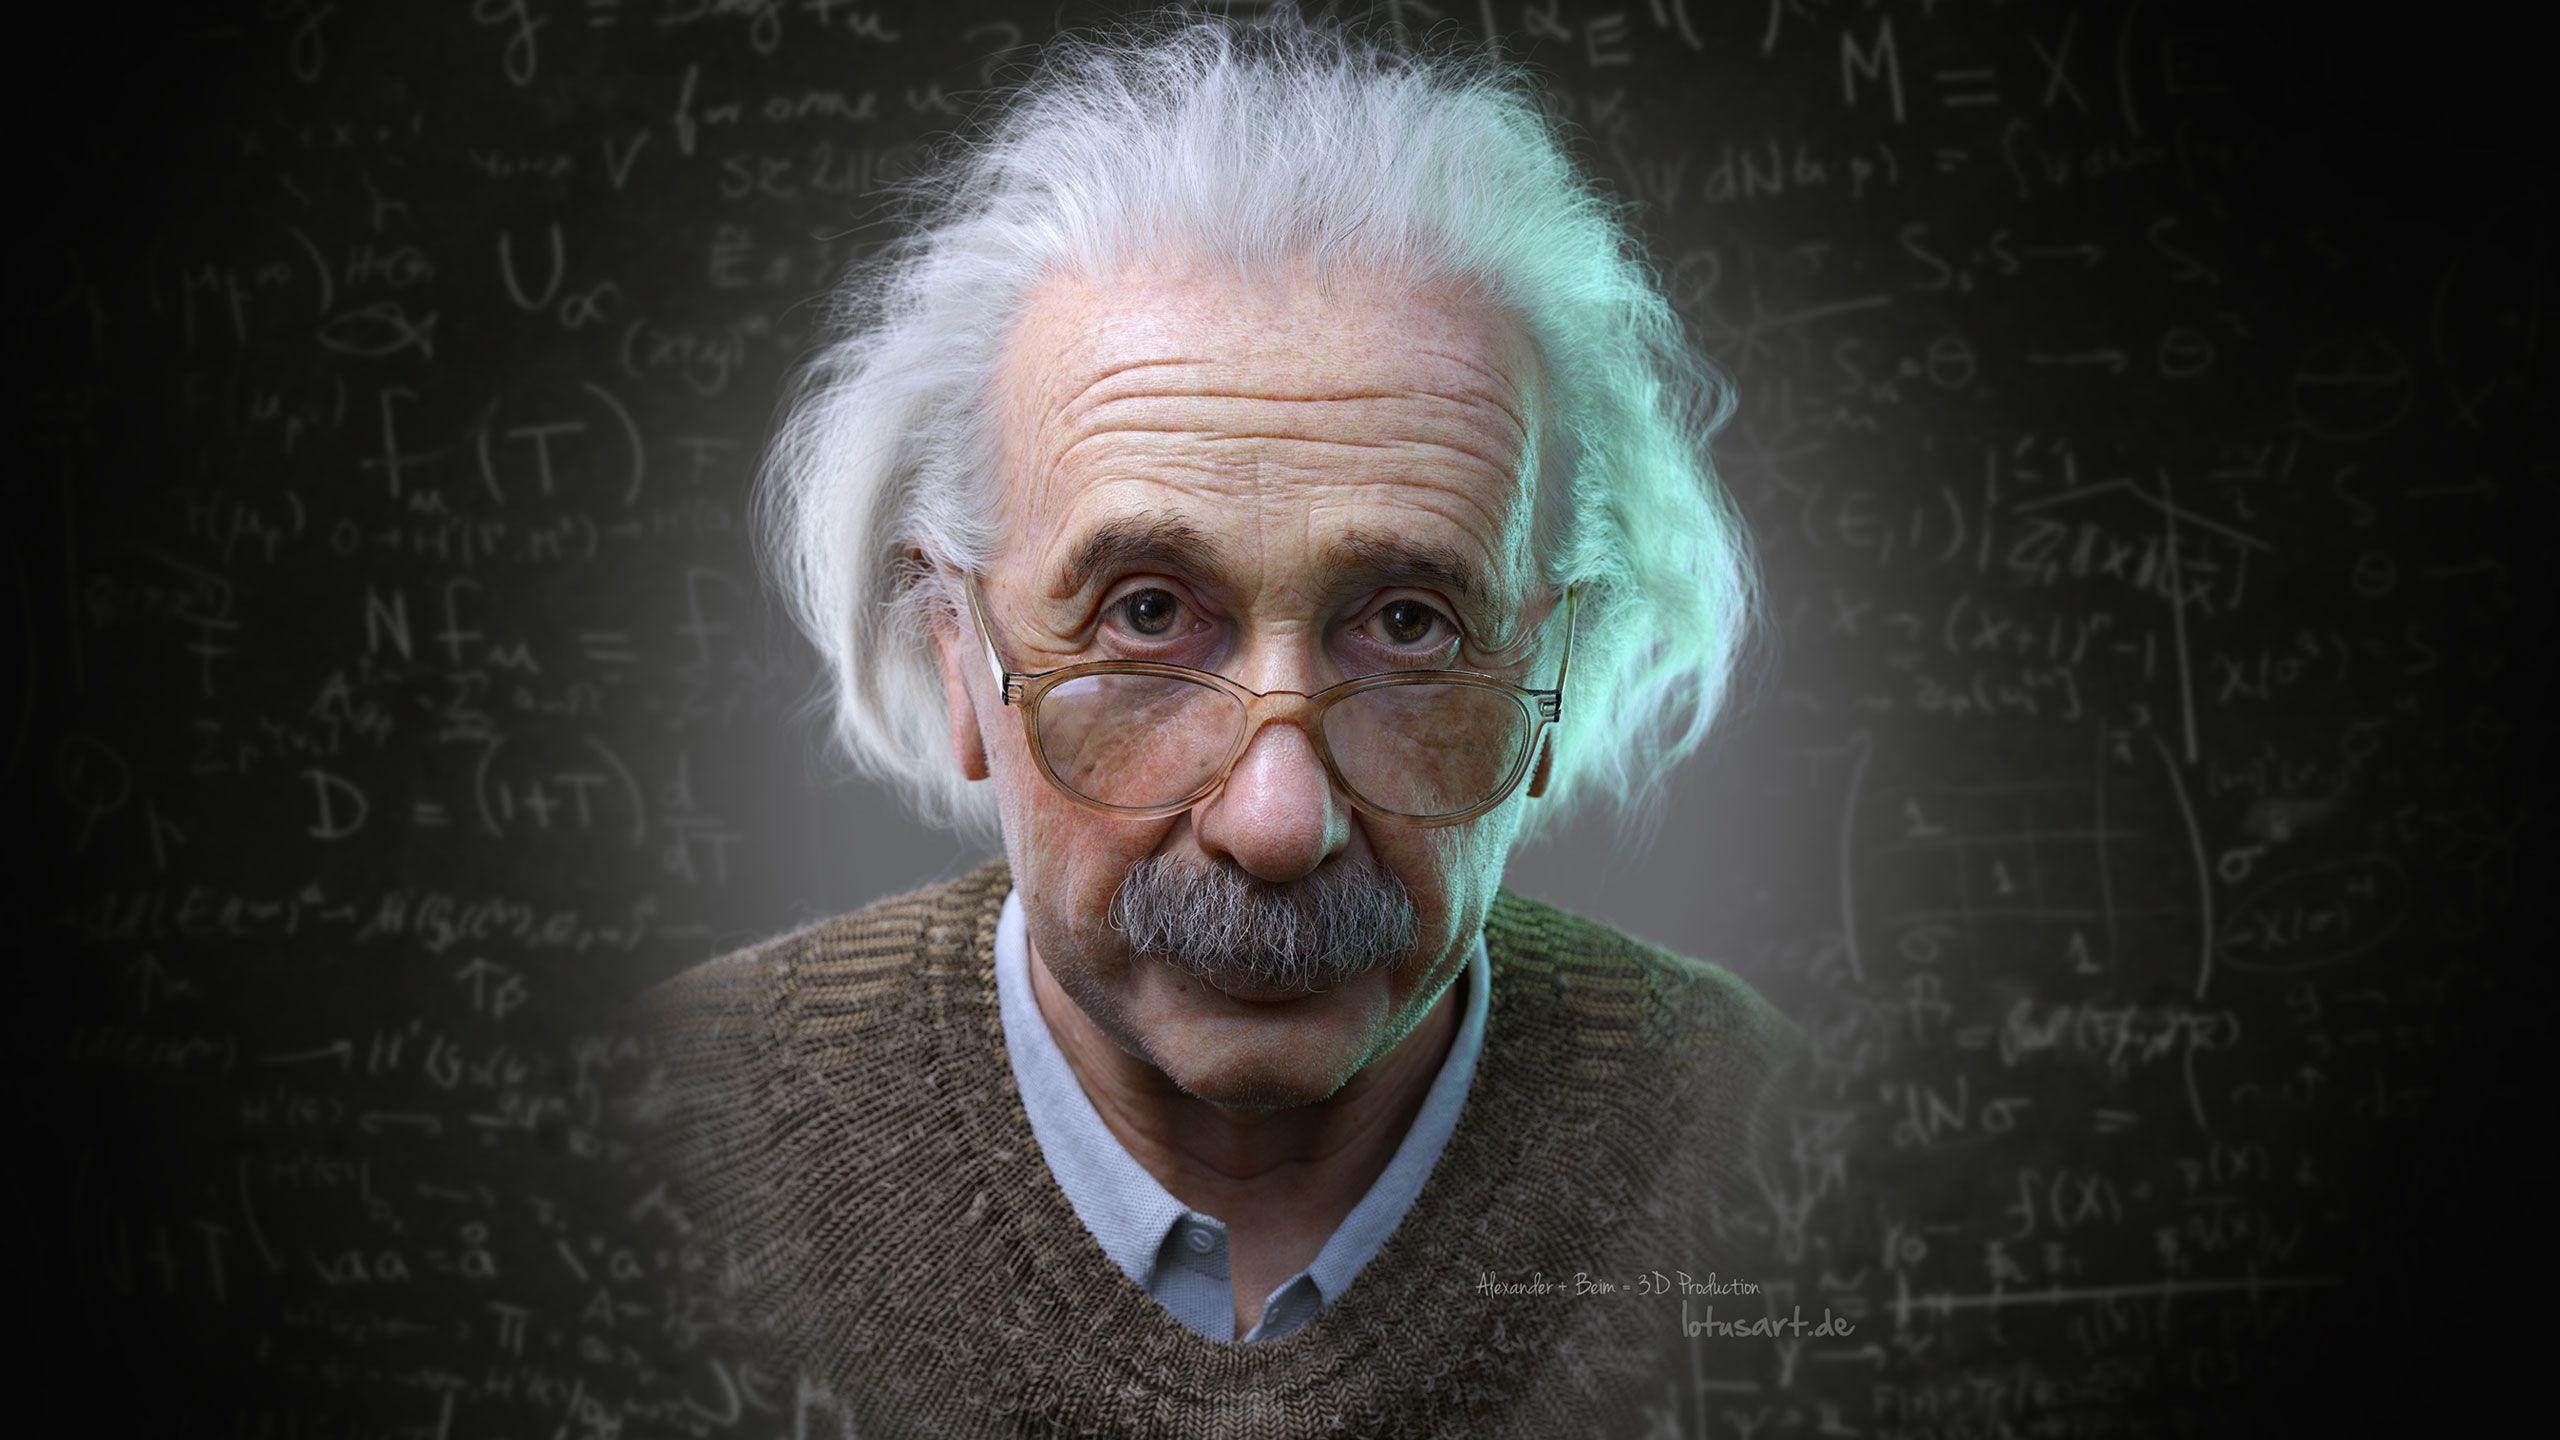 albert_einstein_lotusart_3d_portrait_character_animation_hologram_3 Albert Einstein 3D Porträt für ein Hologram